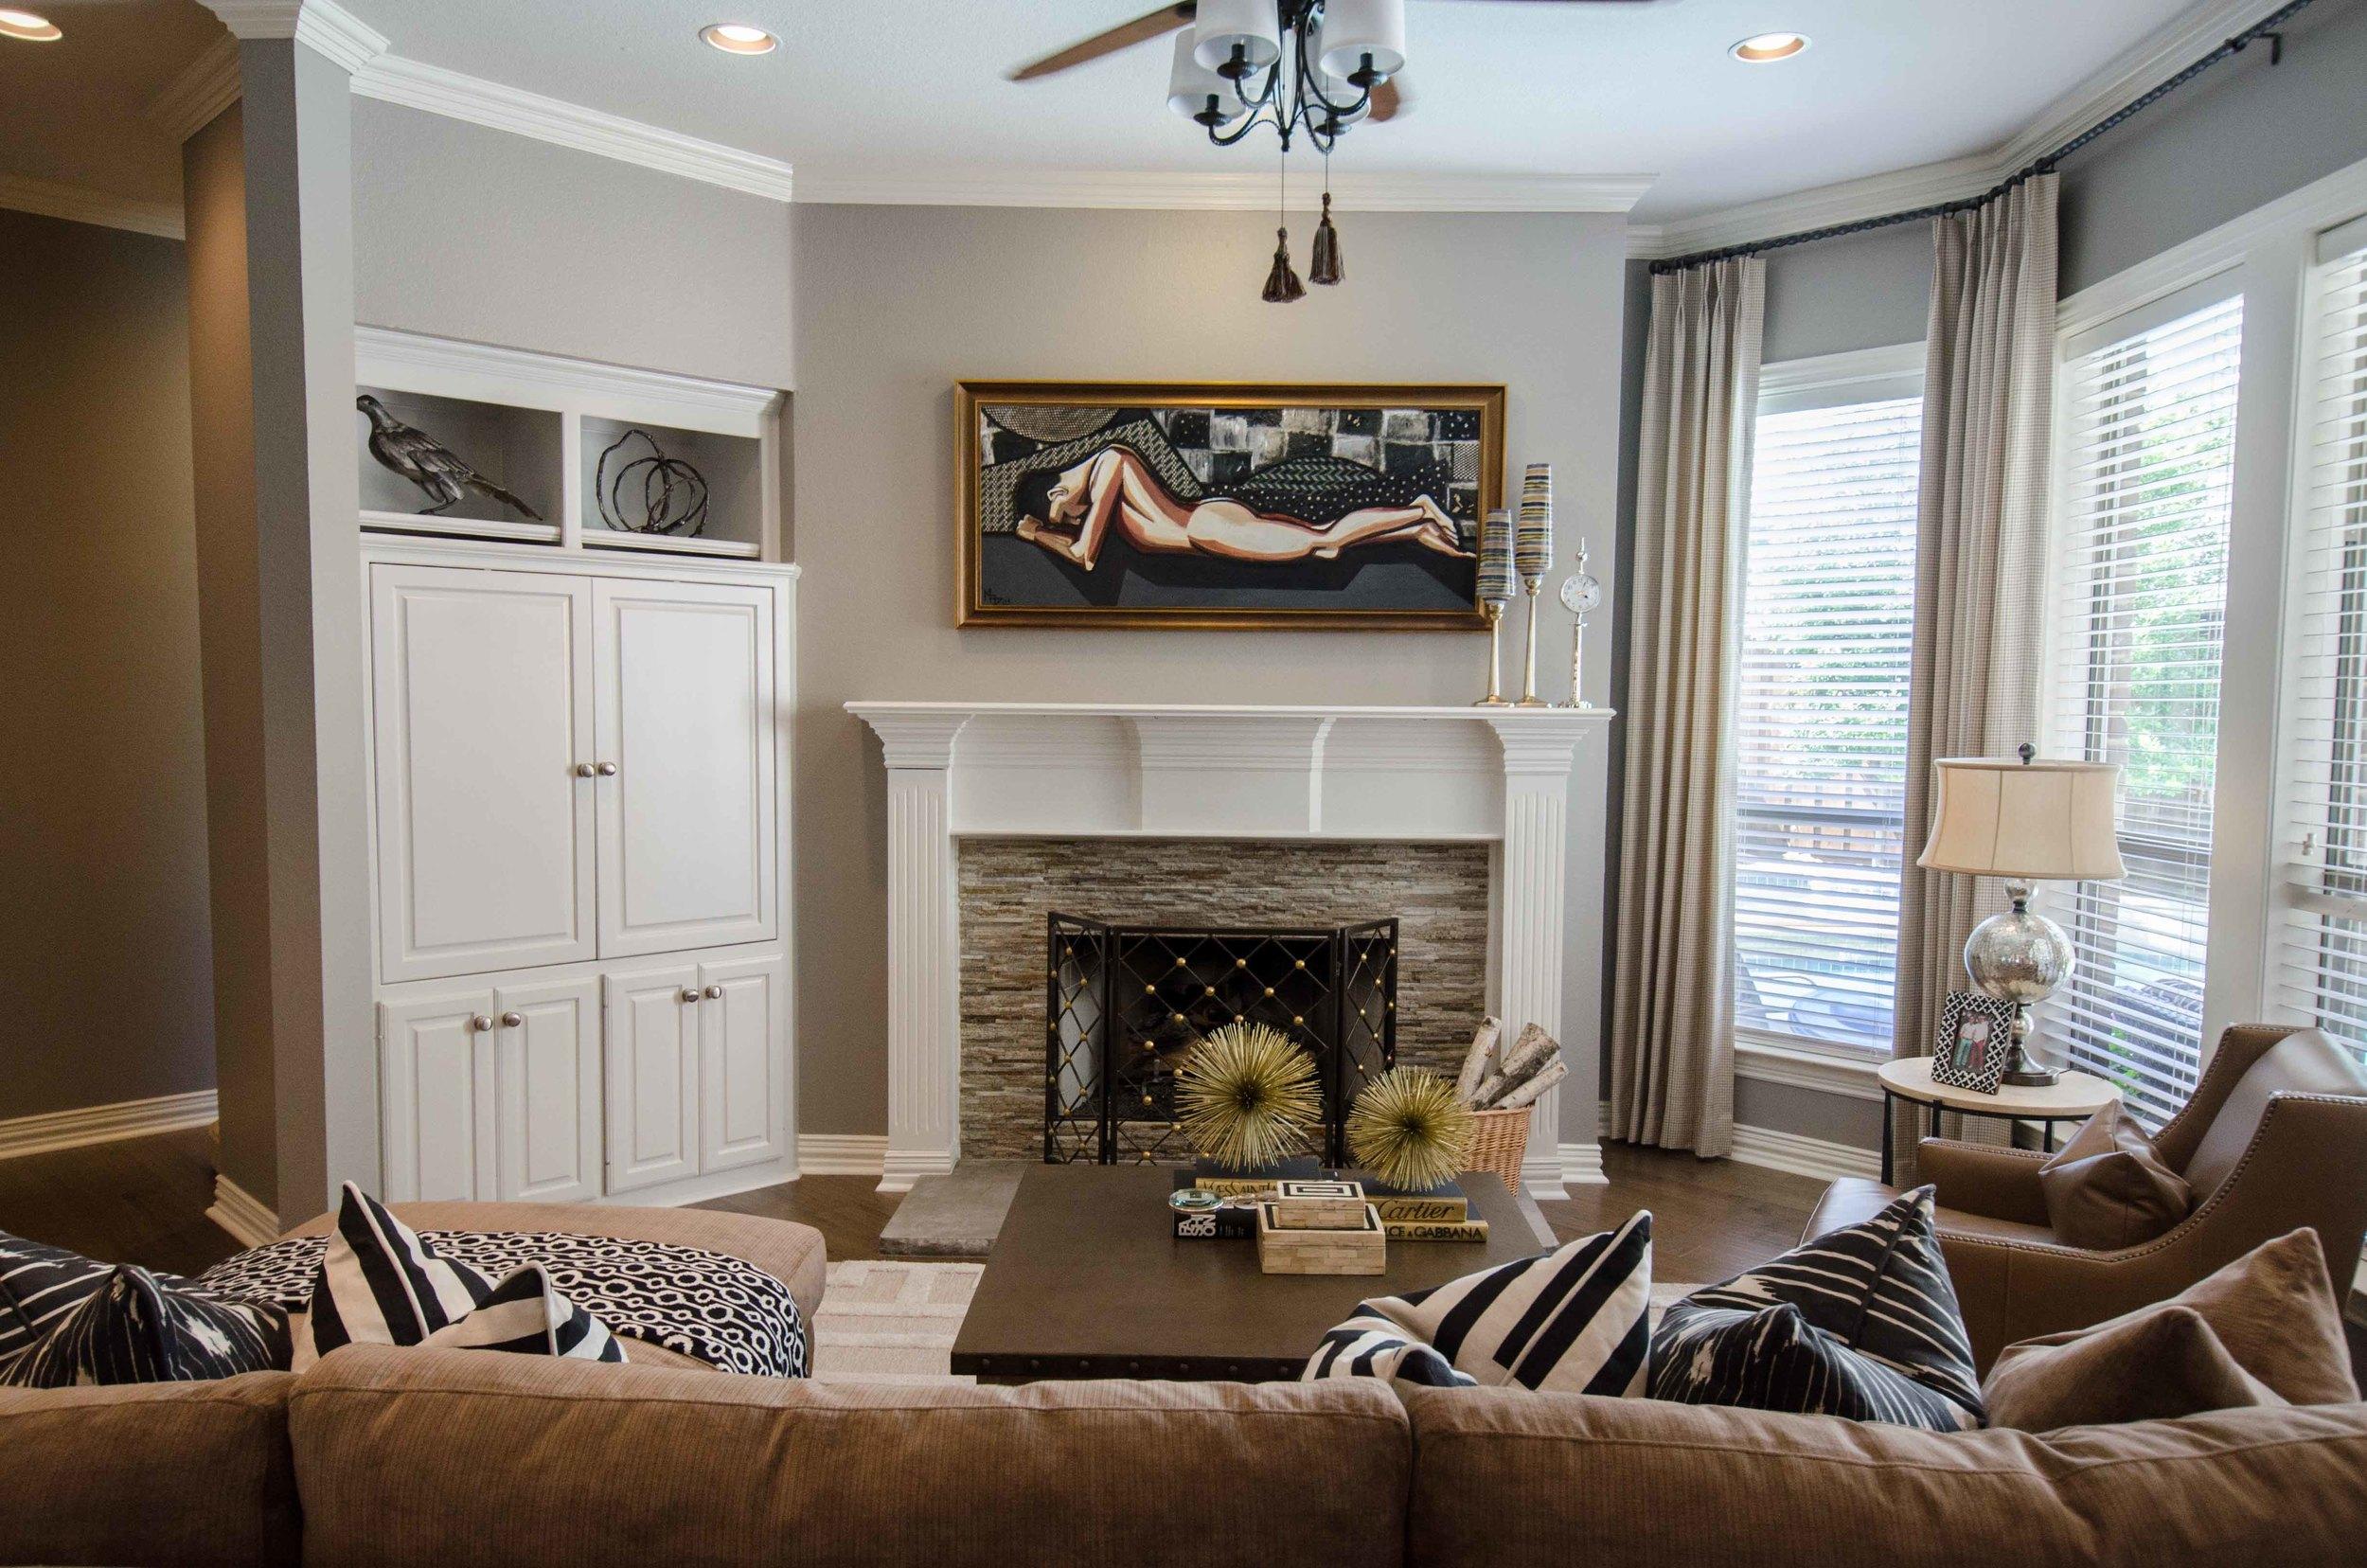 Modern neutral interior design